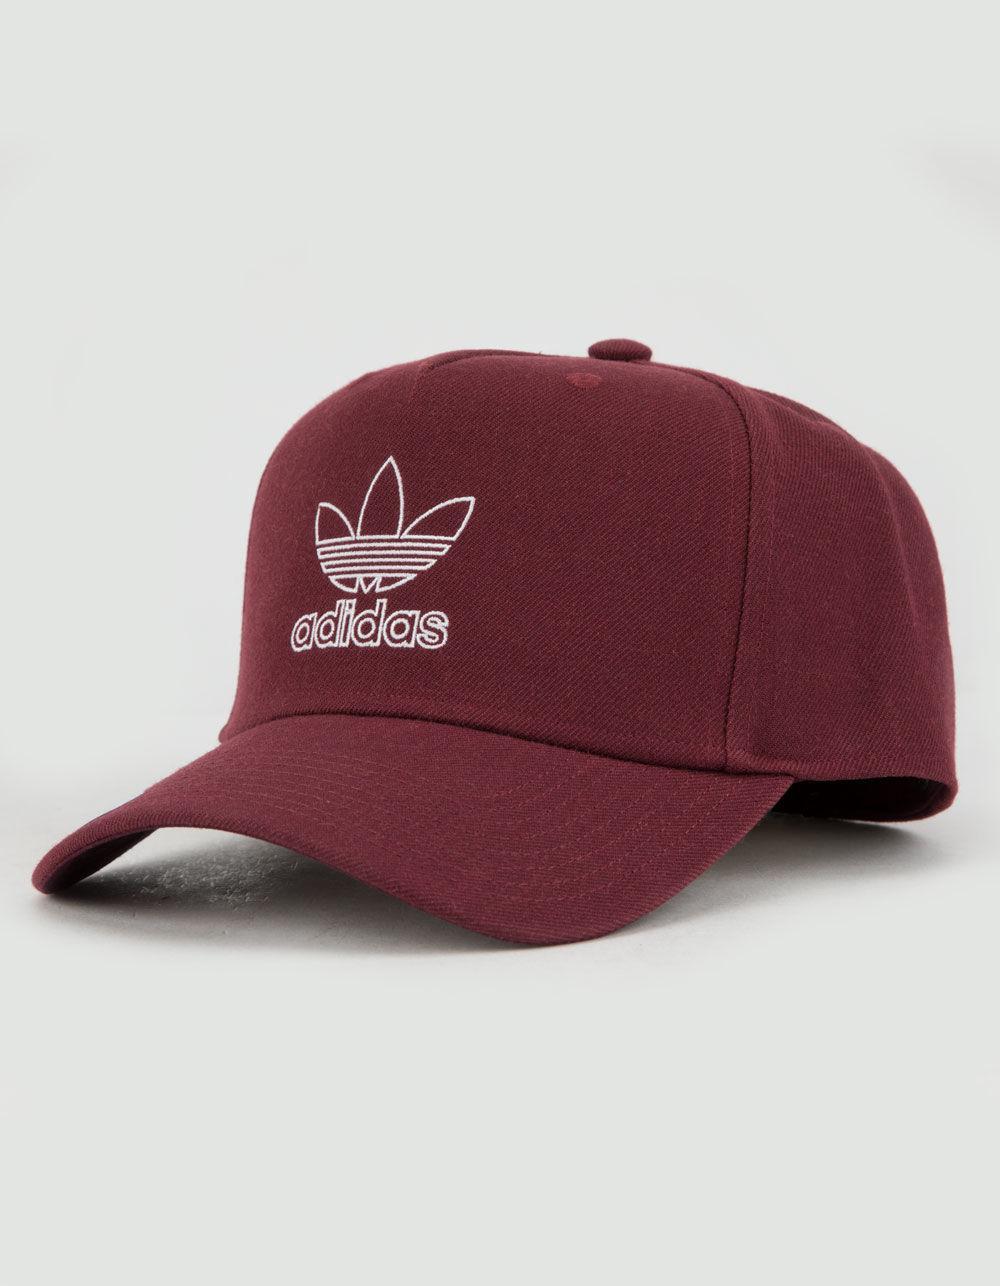 f2491cdf05d Adidas - Multicolor Originals Dart Precurve Burgundy Mens Snapback Hat for  Men - Lyst. View fullscreen